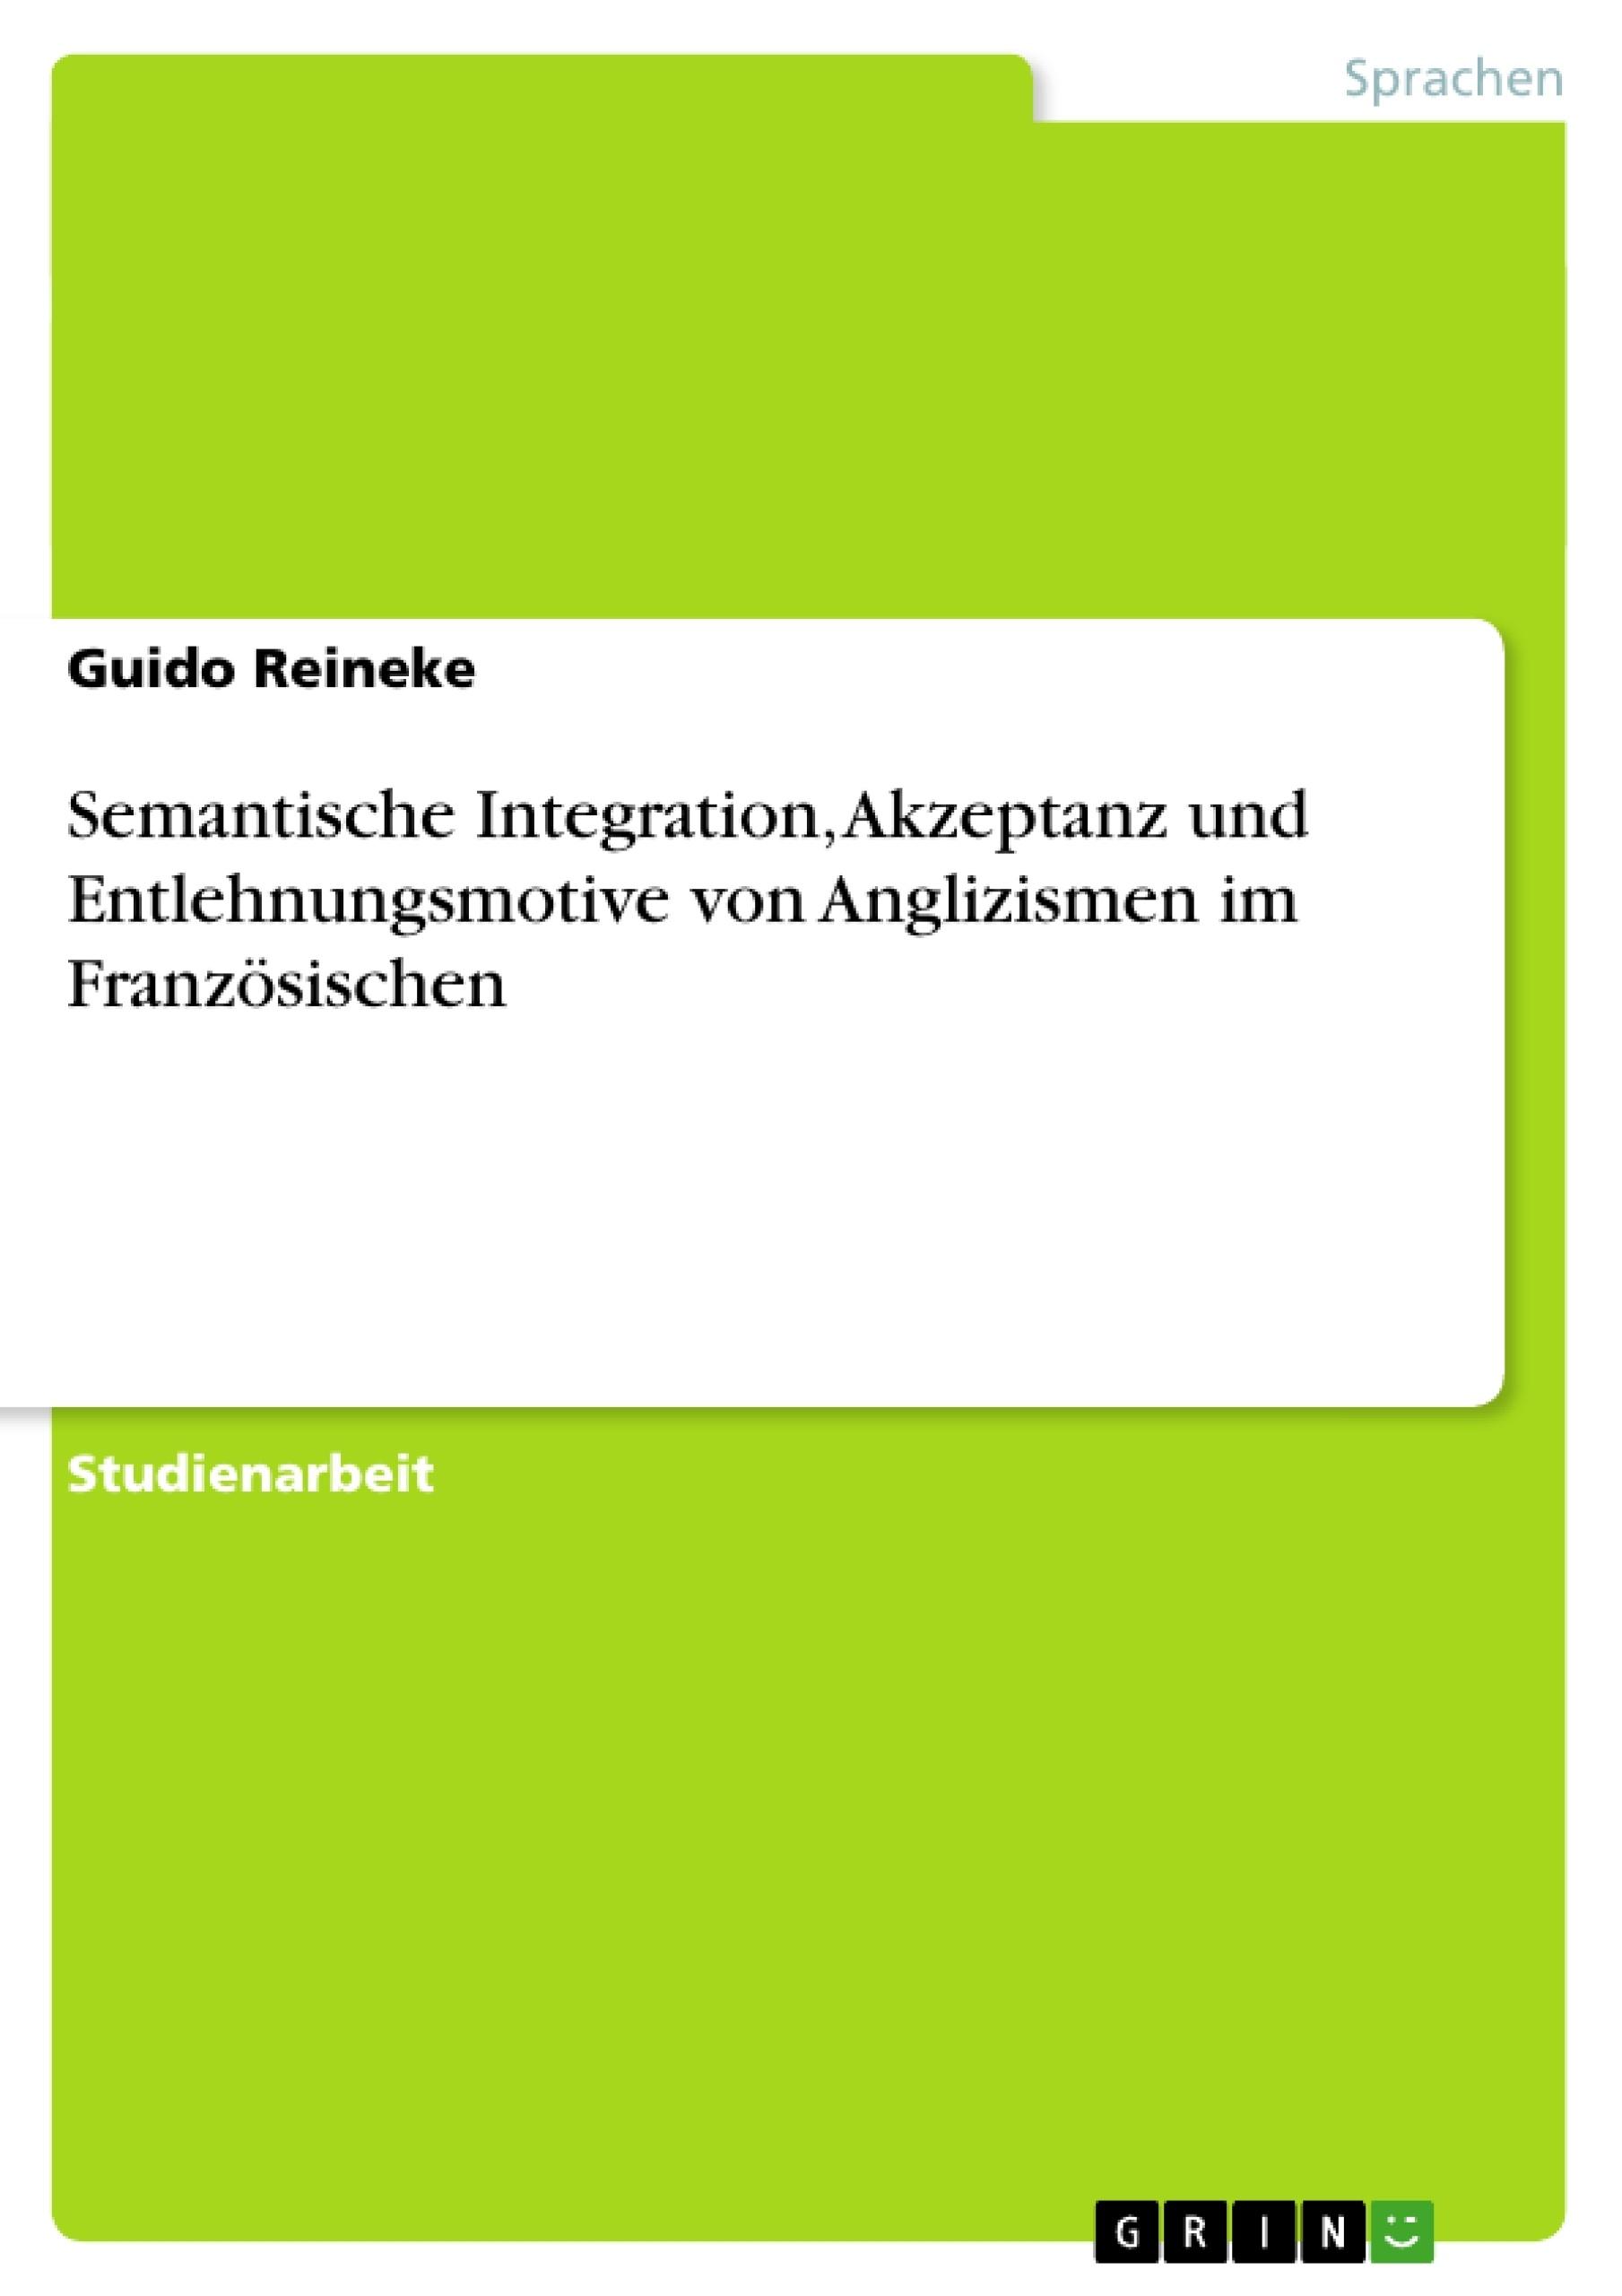 Titel: Semantische Integration, Akzeptanz und Entlehnungsmotive von Anglizismen im Französischen